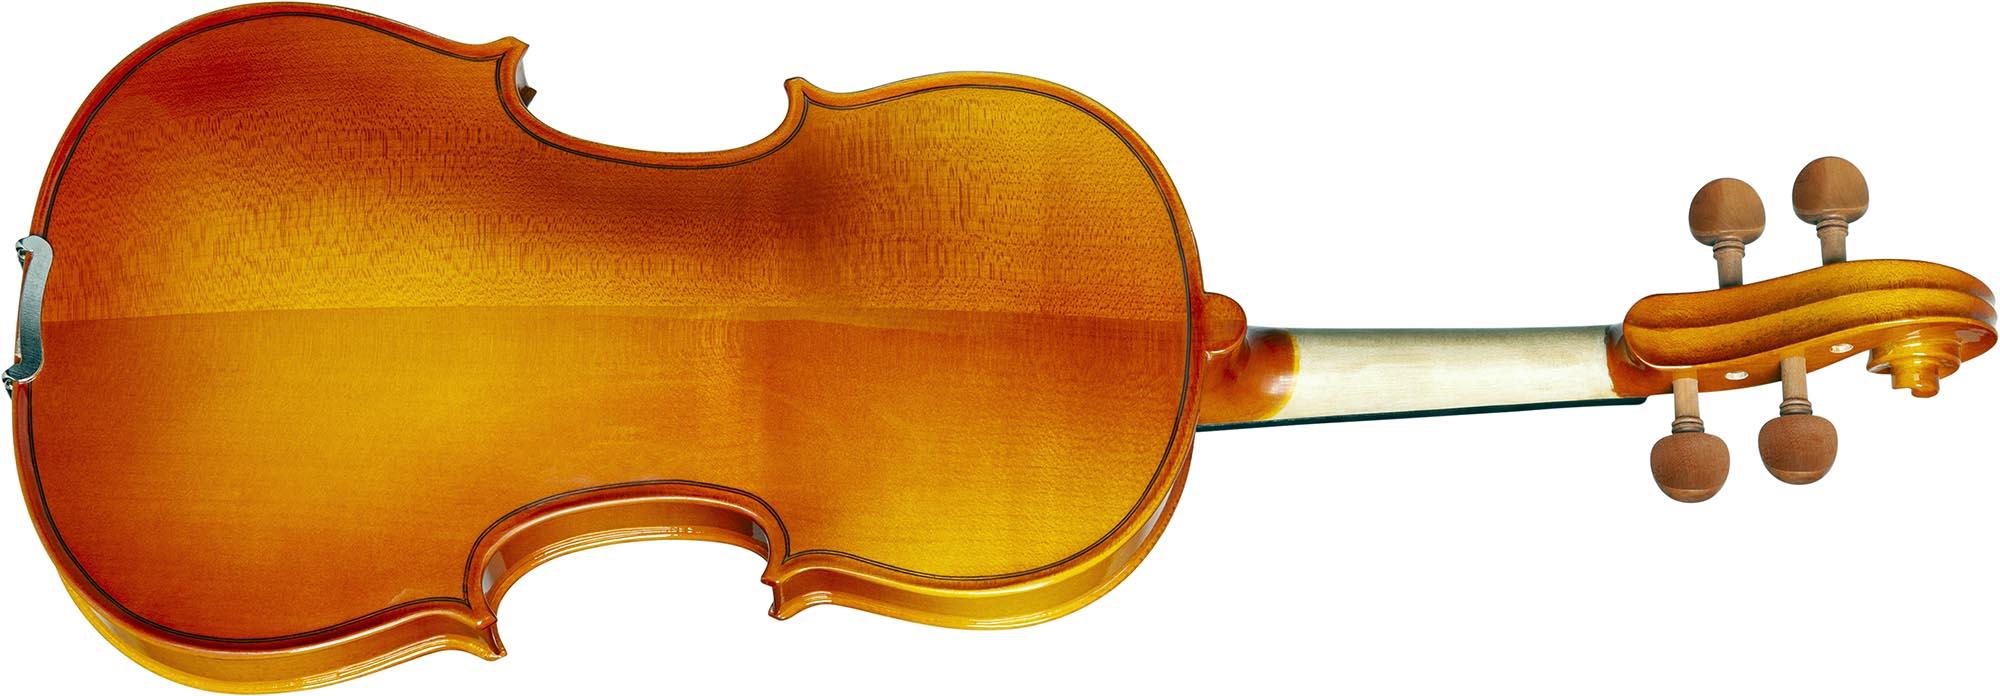 ve442 violino eagle ve442 visao posterior